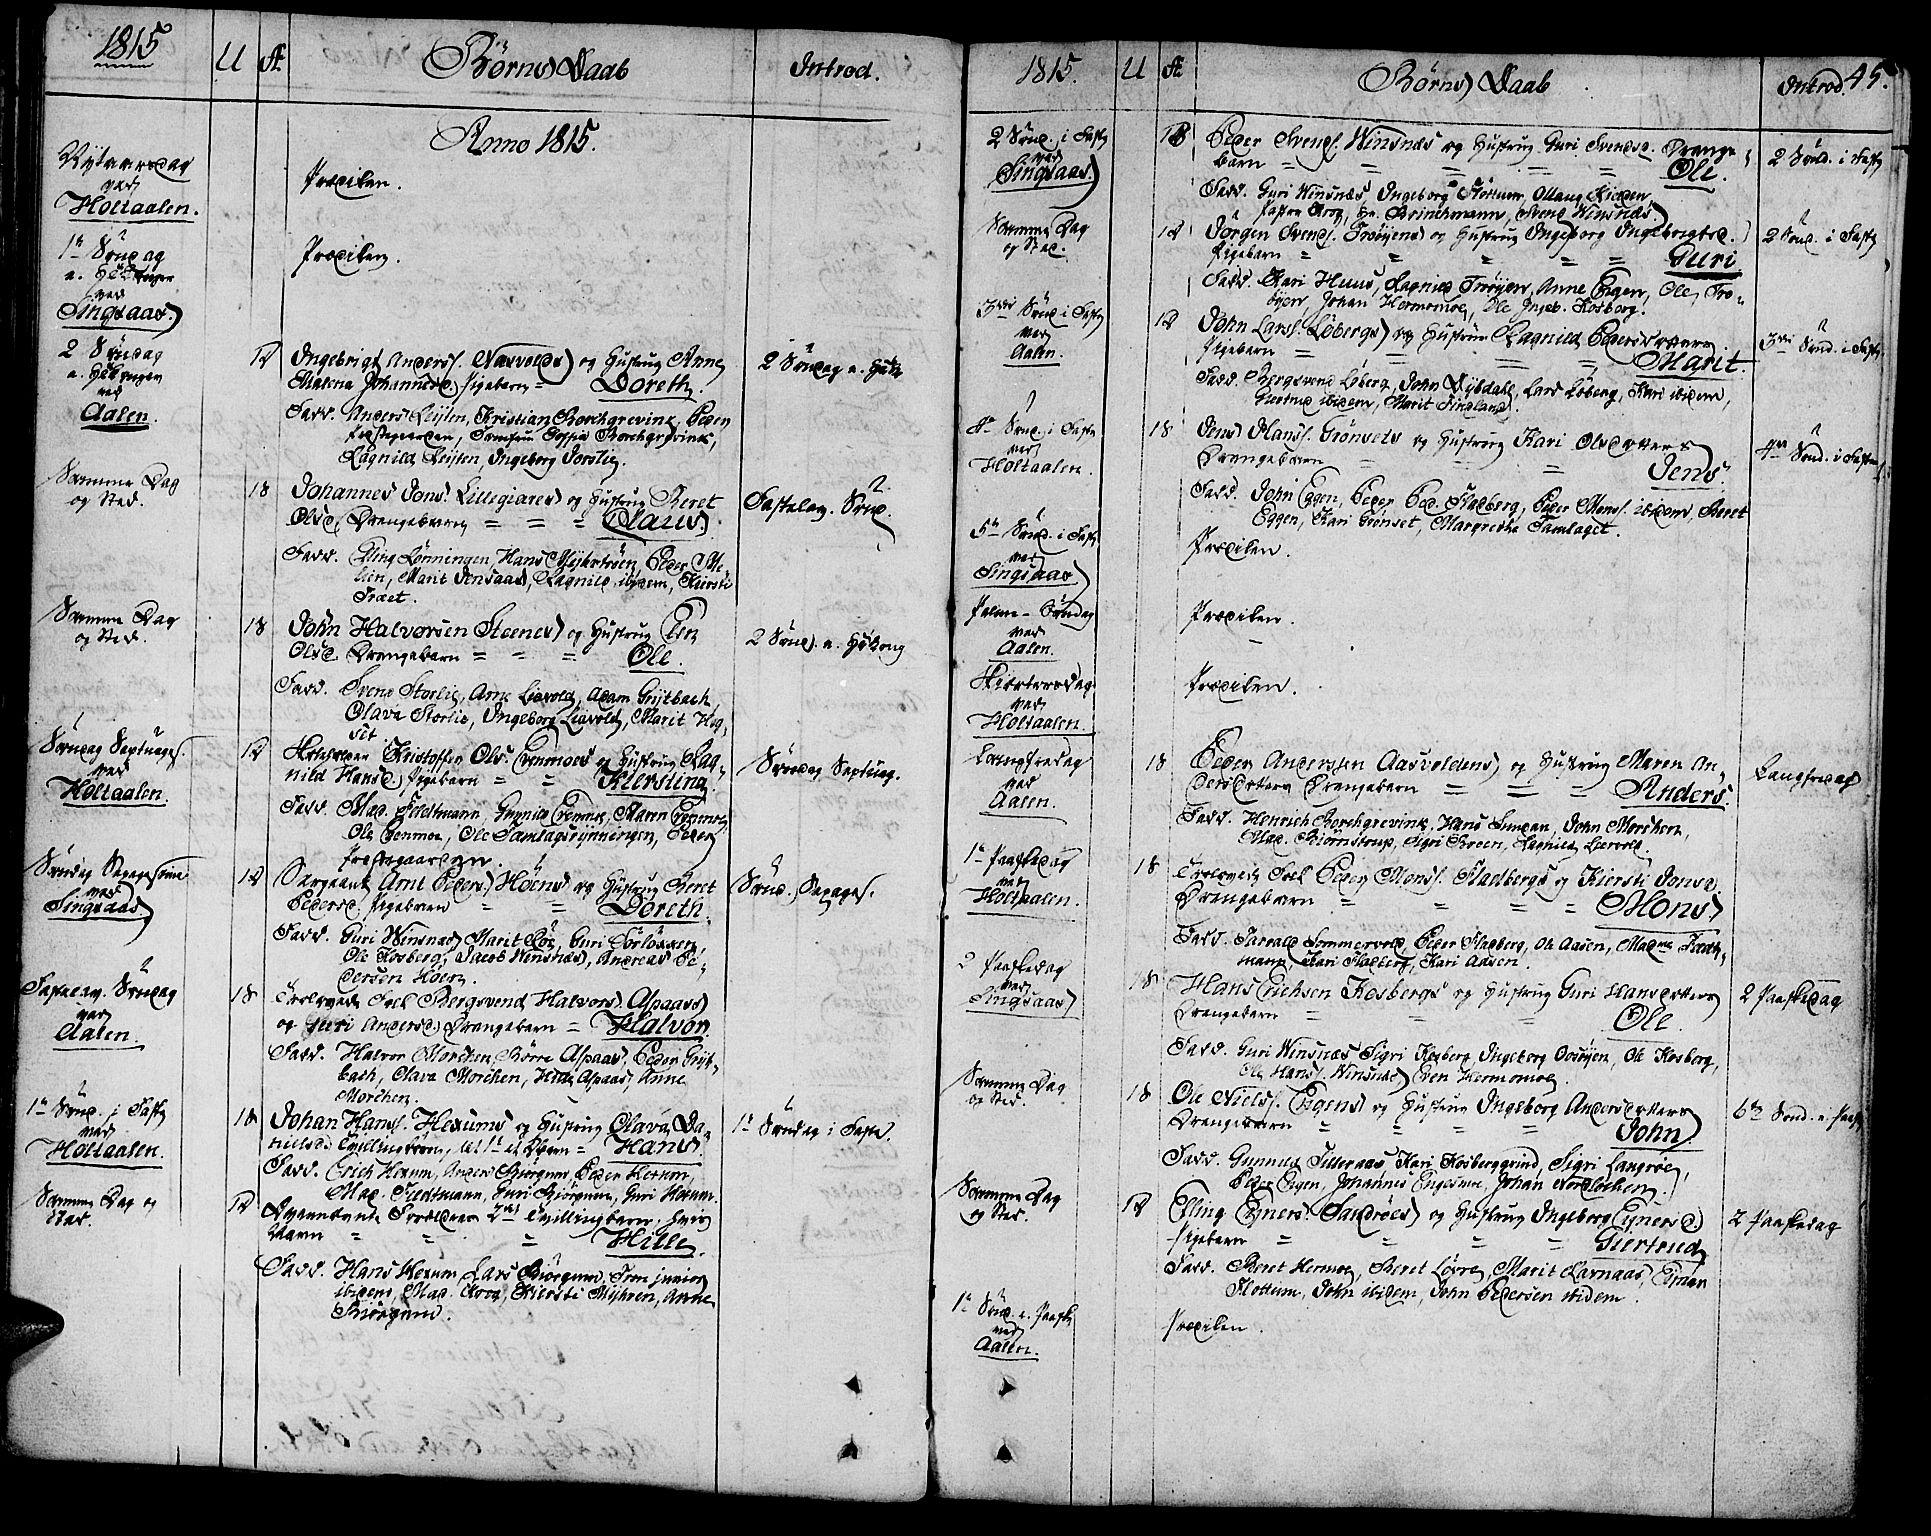 SAT, Ministerialprotokoller, klokkerbøker og fødselsregistre - Sør-Trøndelag, 685/L0953: Ministerialbok nr. 685A02, 1805-1816, s. 45